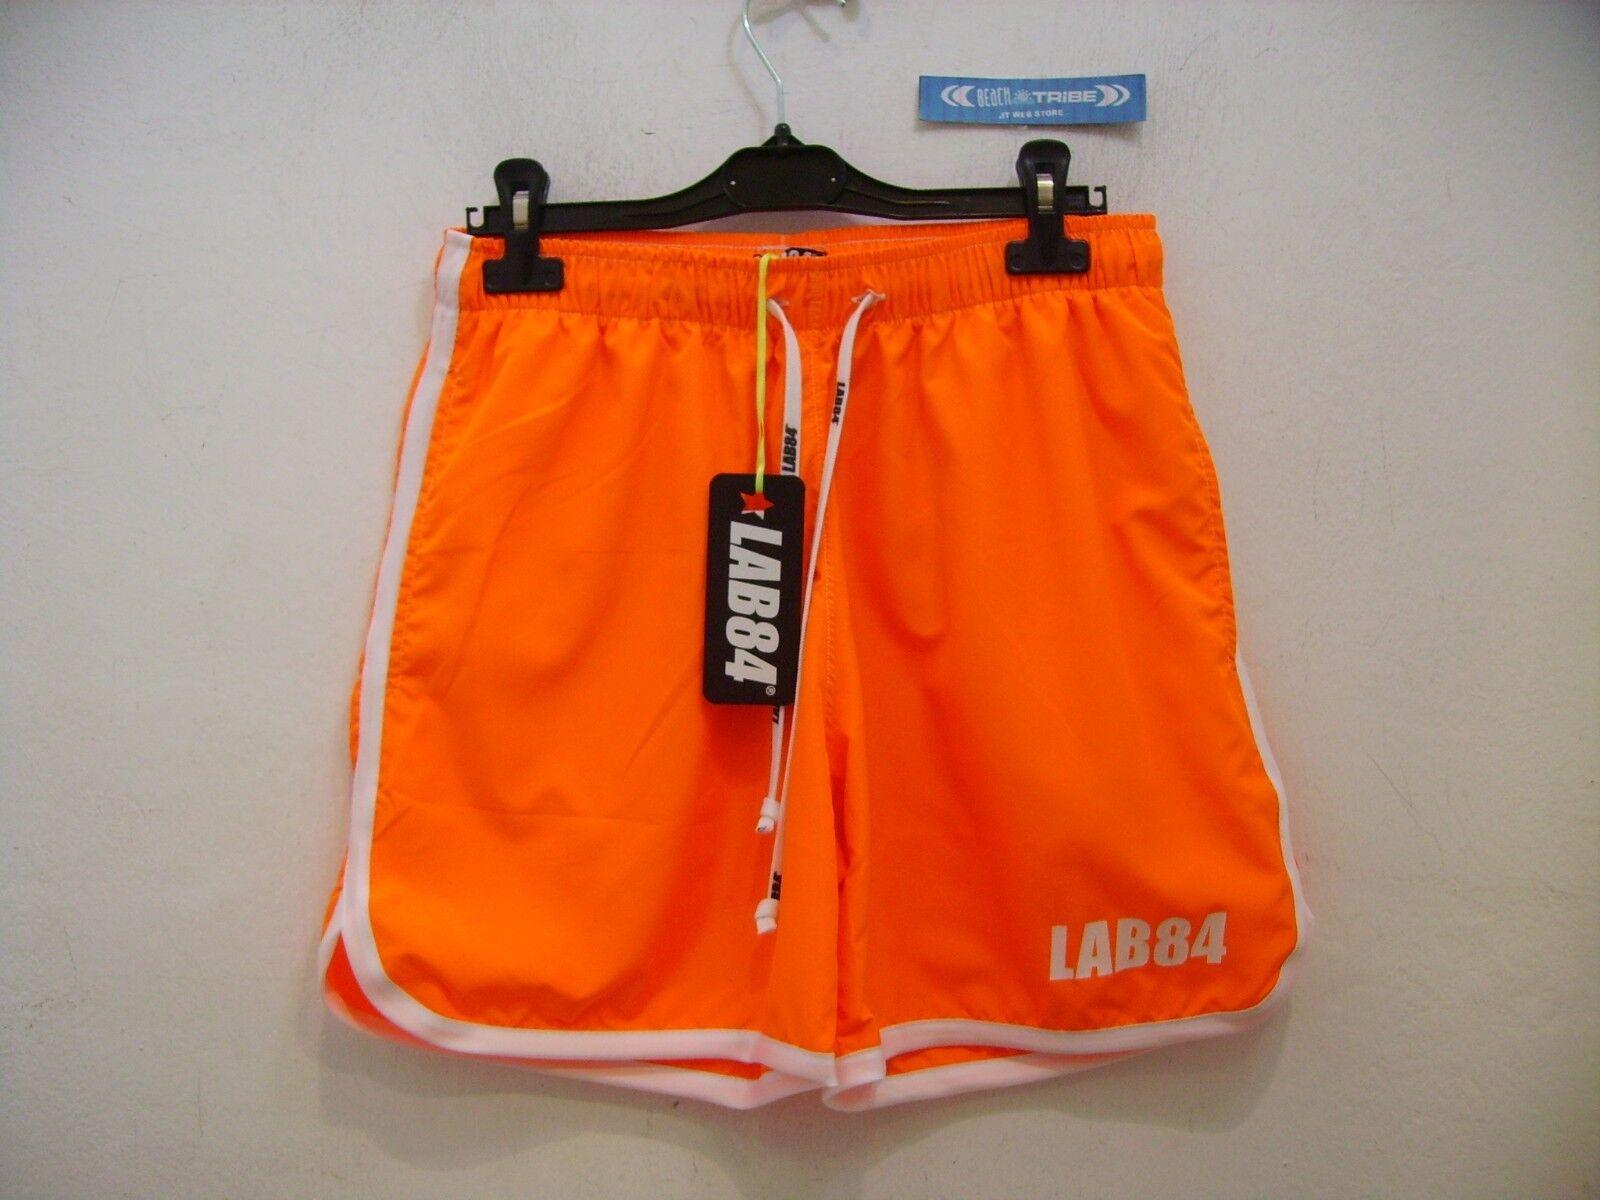 LAB84 SHORTS HERREN SHM1004BASIC SURF TASCHE KURZ Orange 4072 Orange S